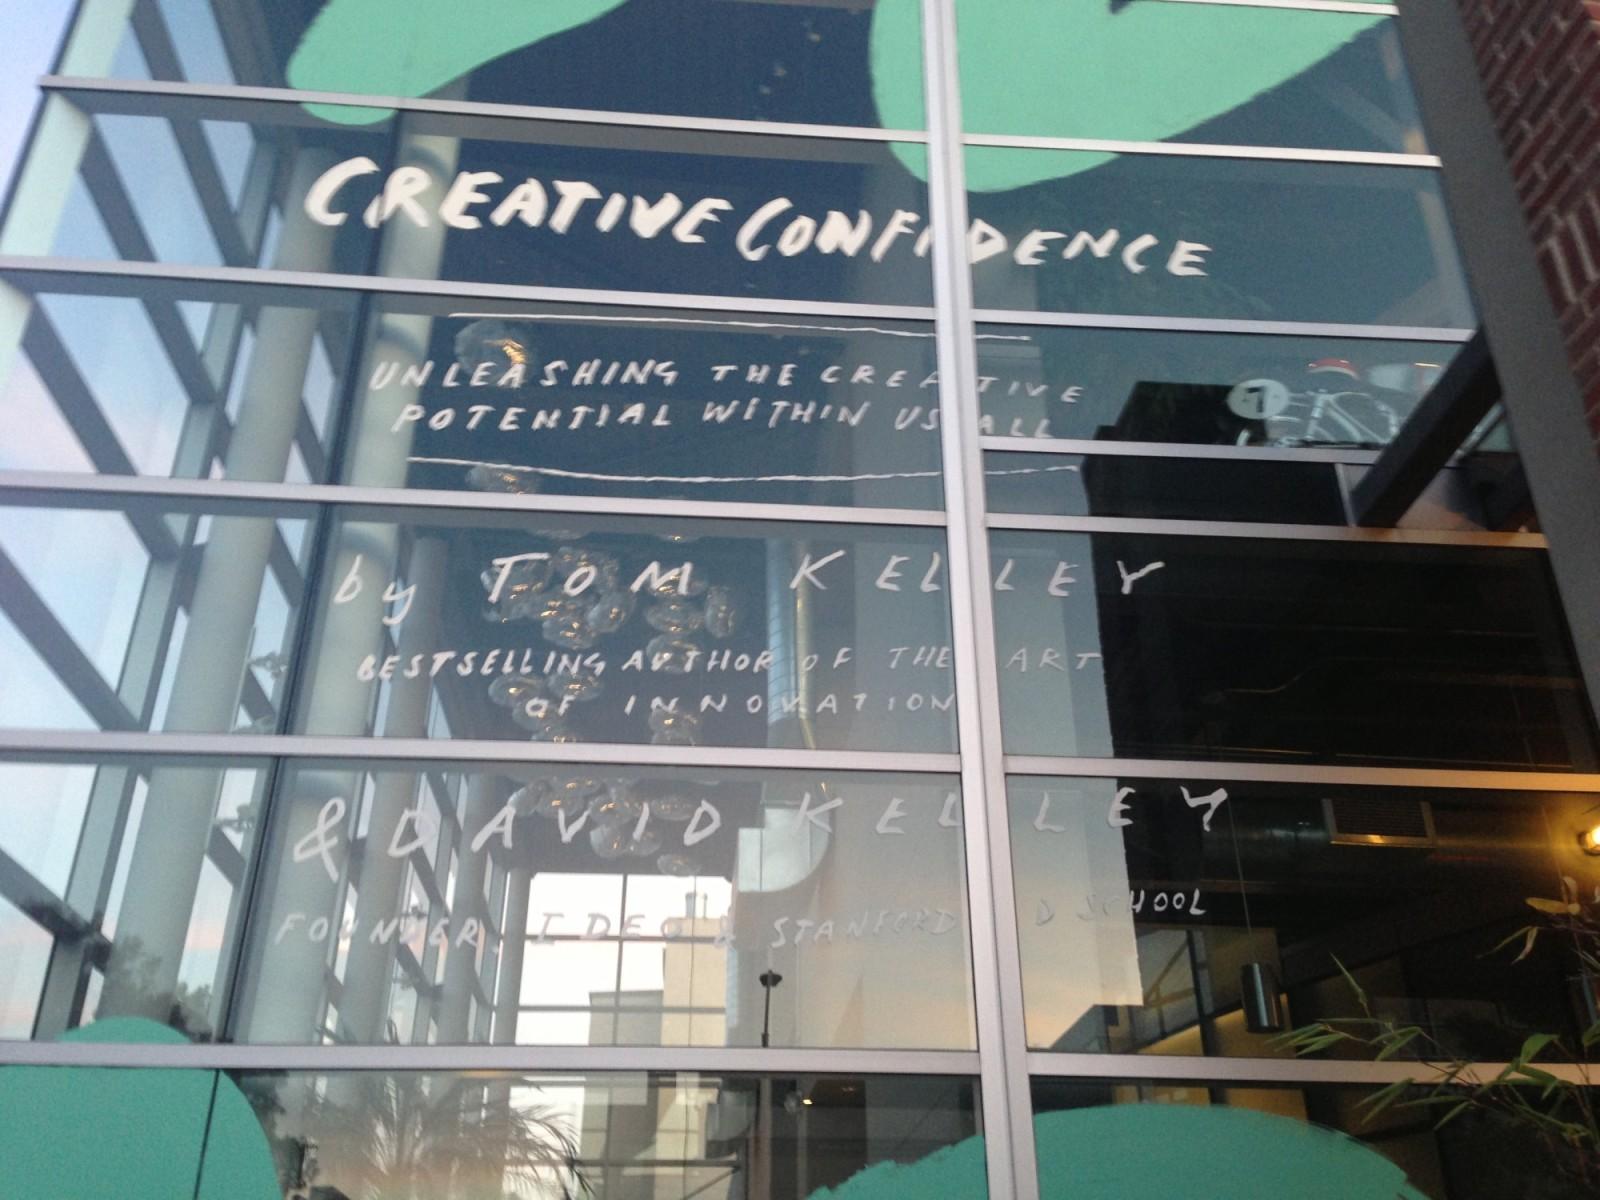 Creative Confidence, IDEO